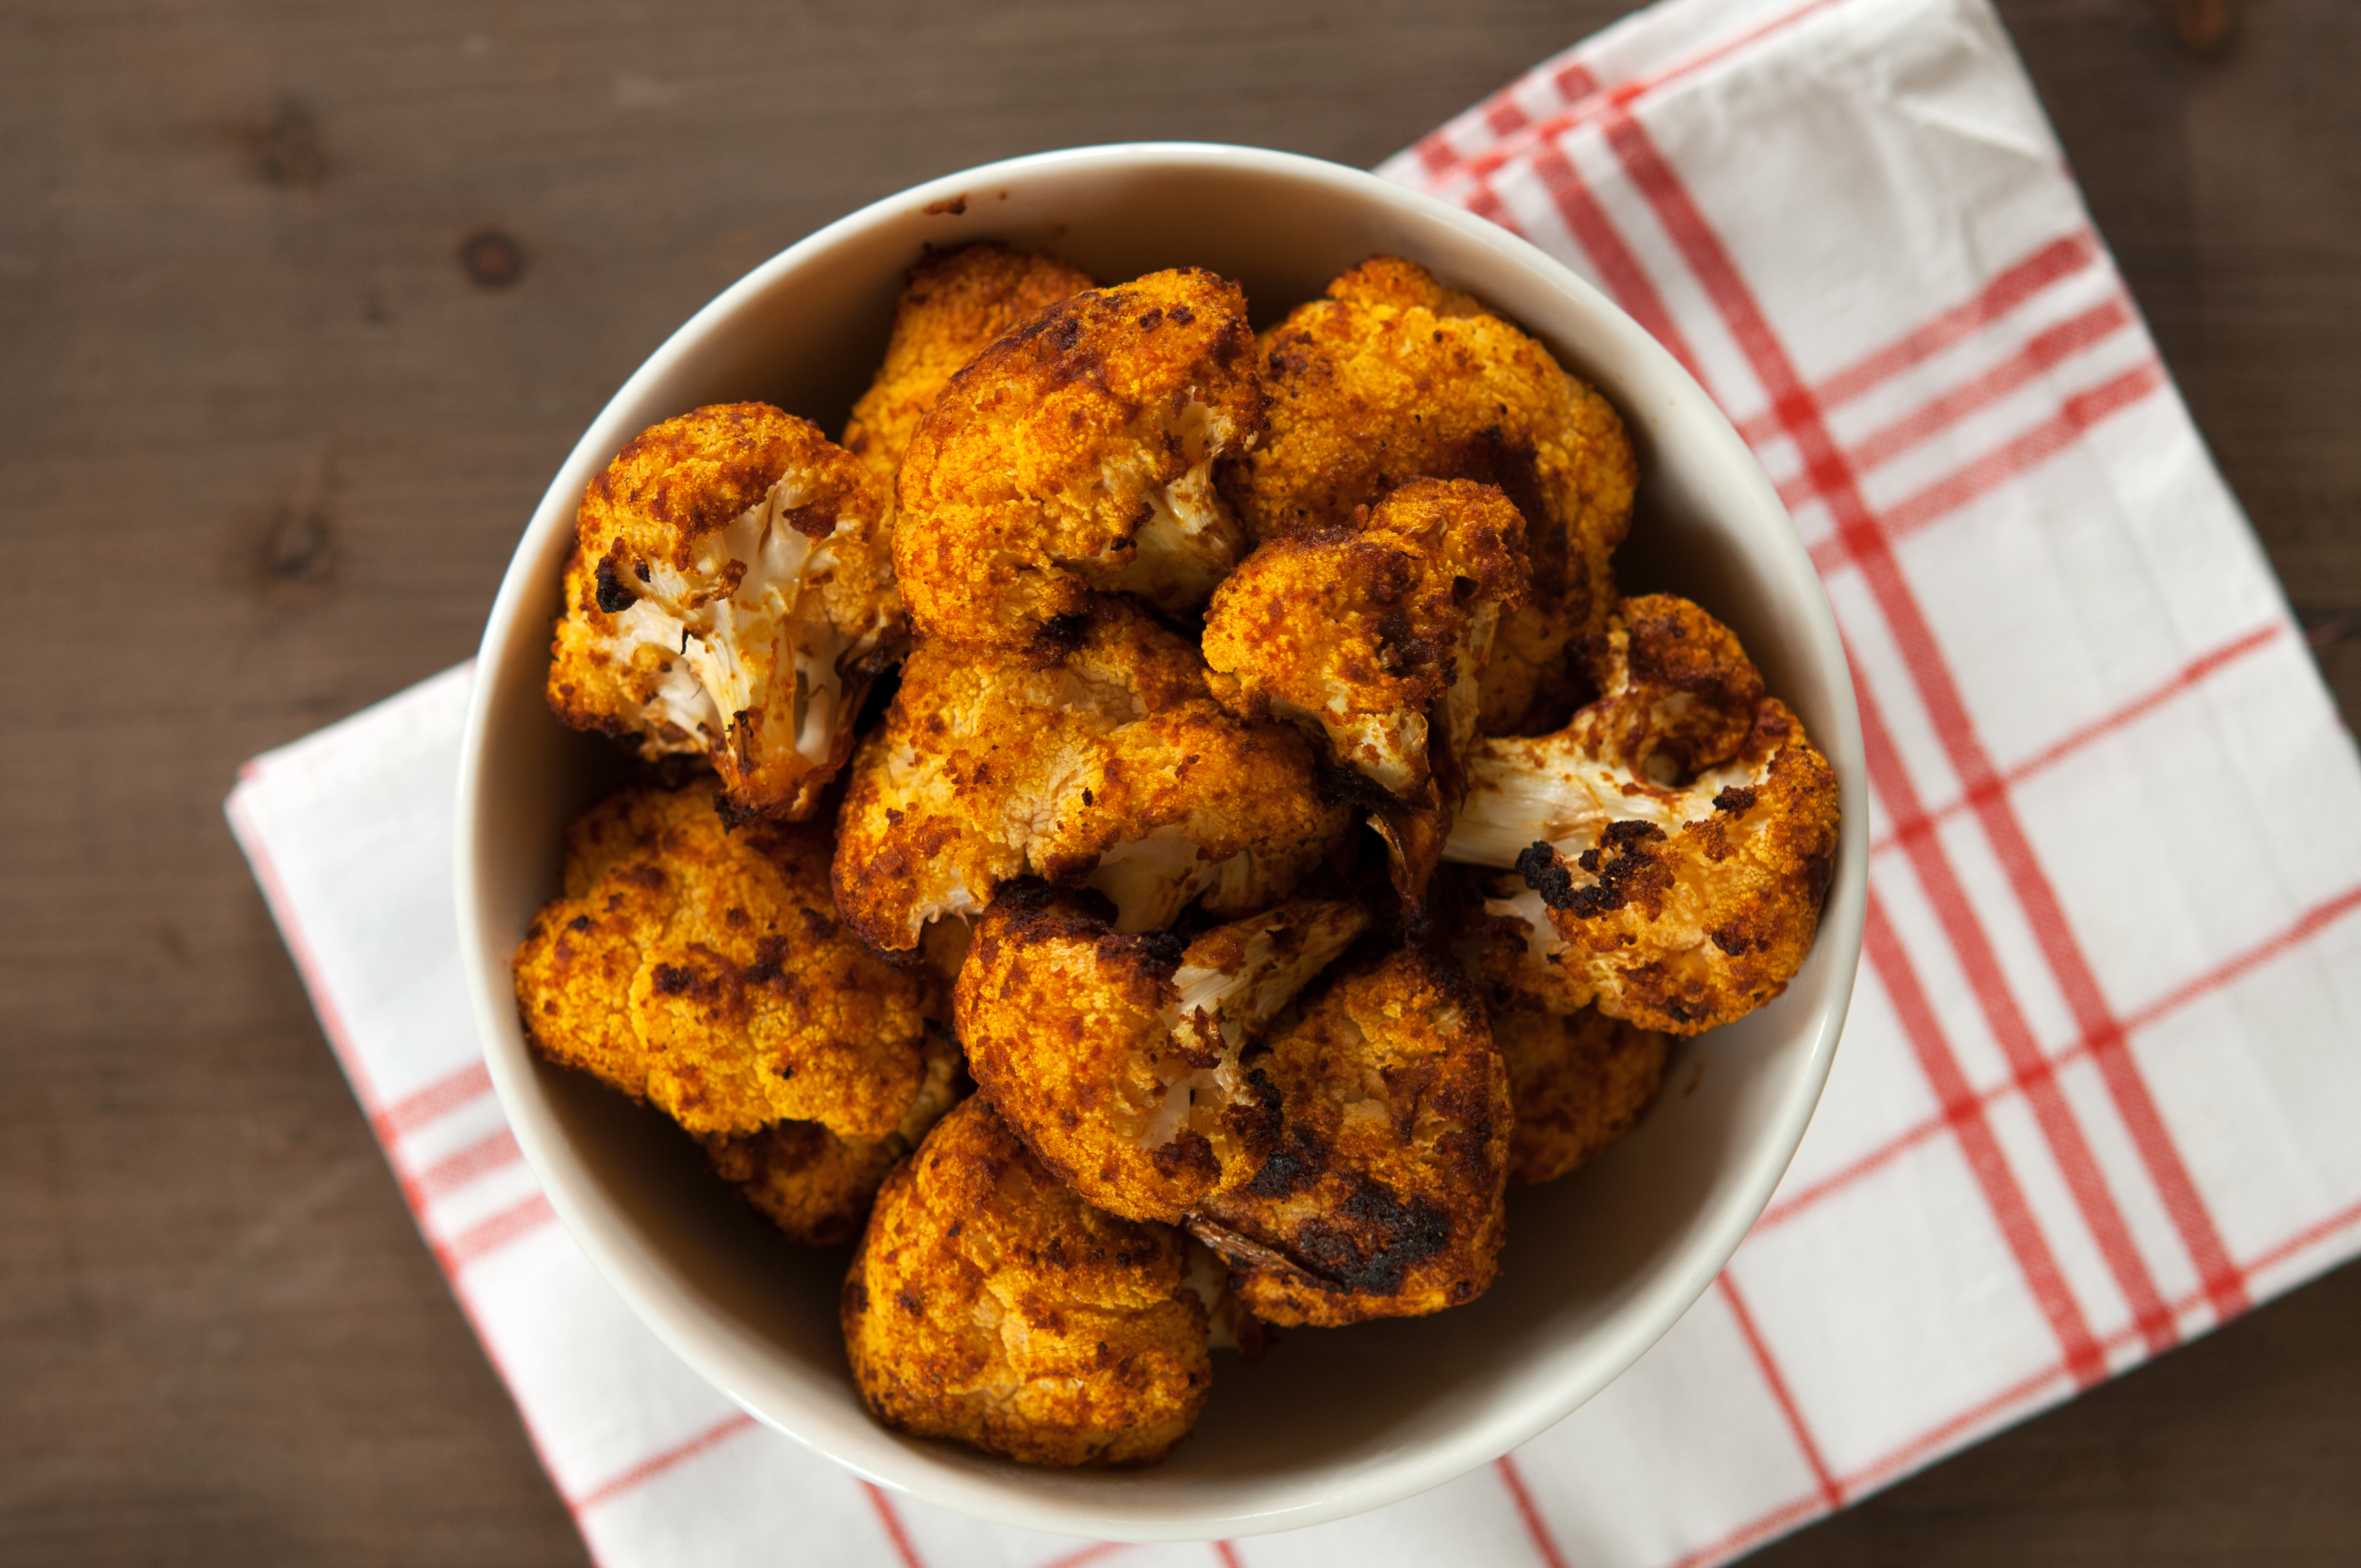 roasted cauliflower ger steter blumenkohl nat rlich essen ab heute gesund. Black Bedroom Furniture Sets. Home Design Ideas